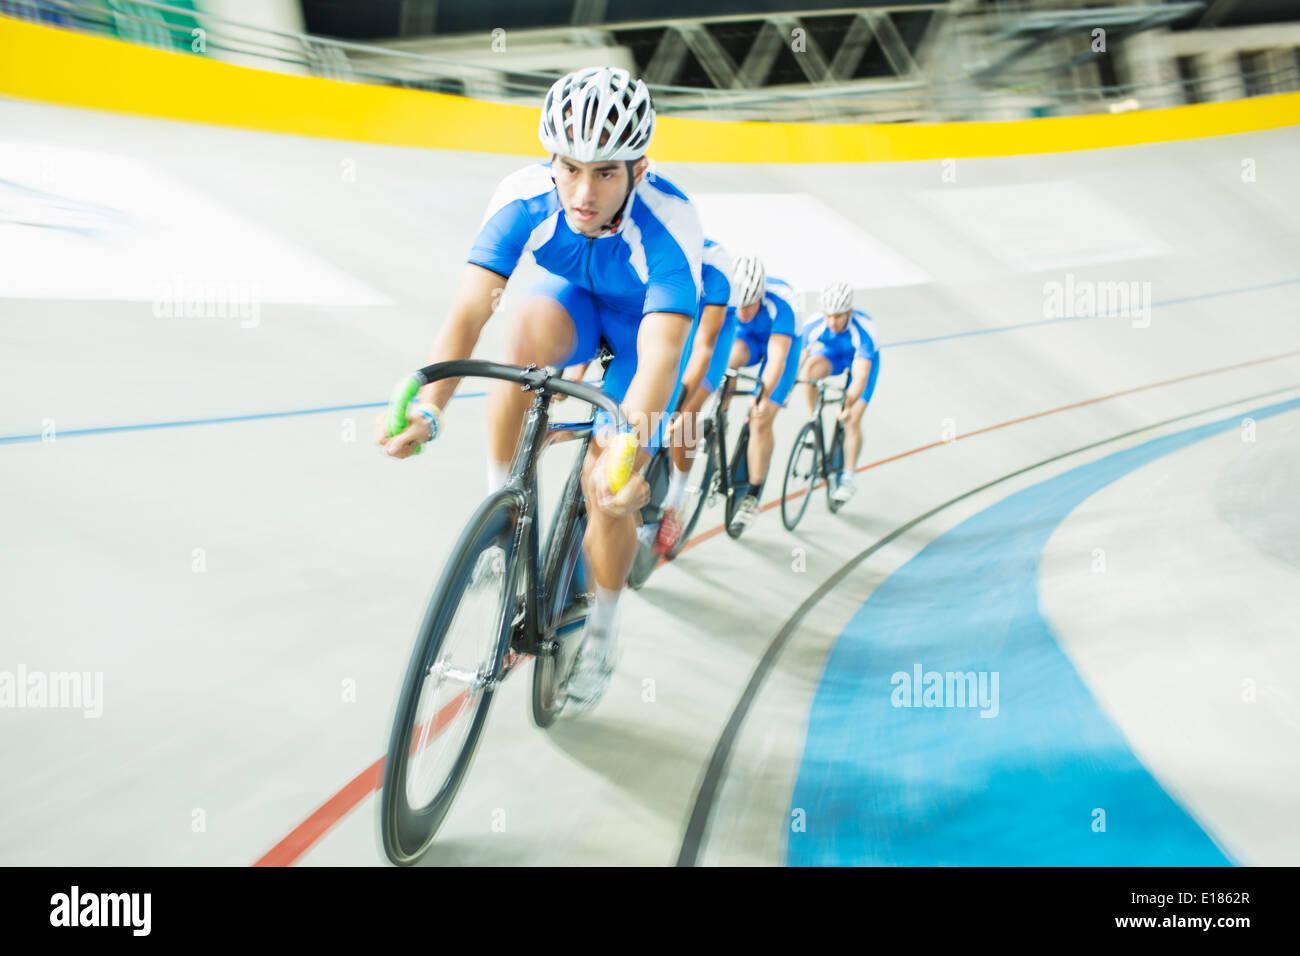 Vía ciclista que compite en el velódromo Imagen De Stock